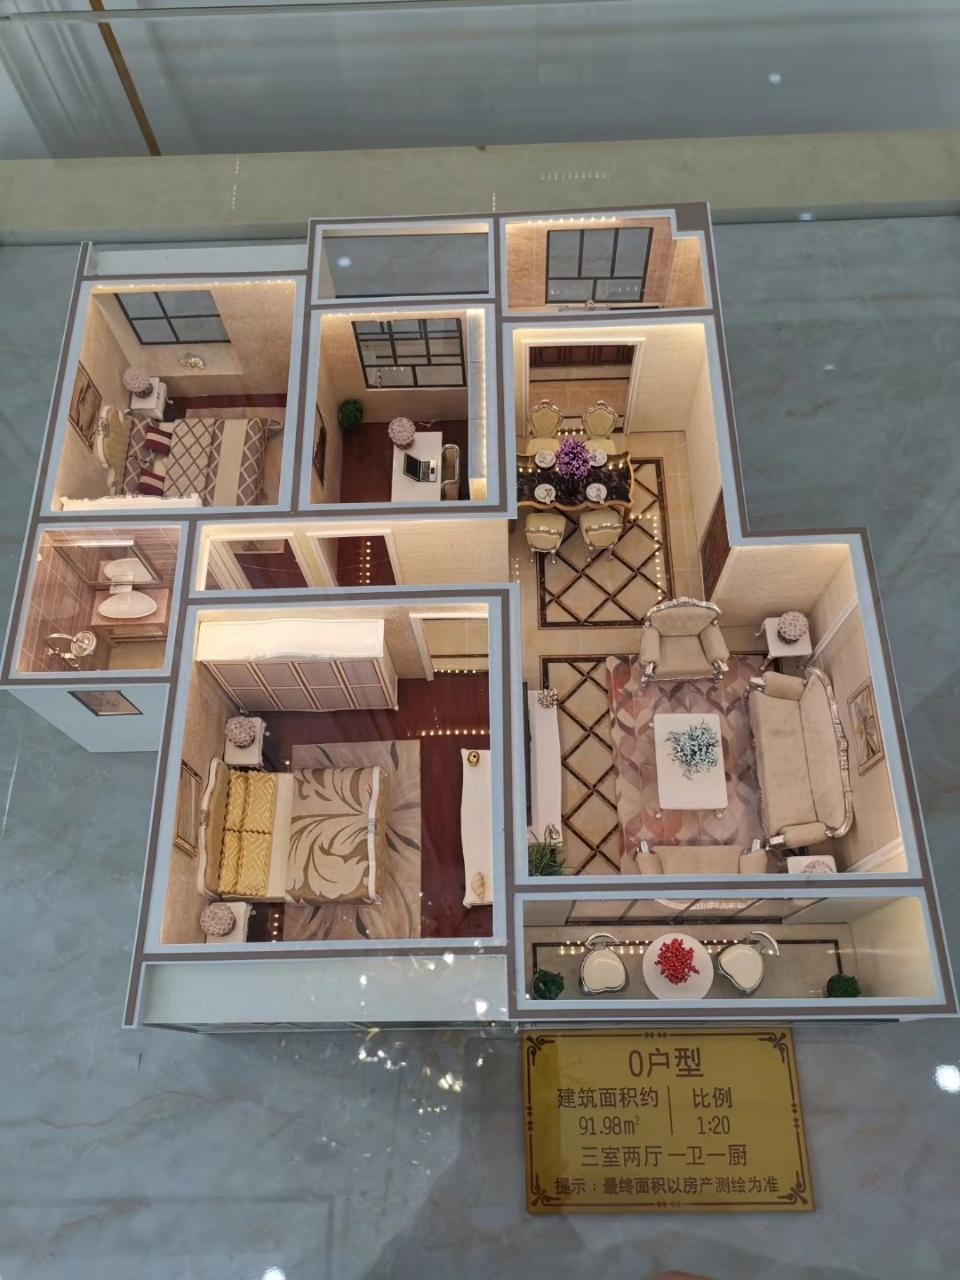 天宇广场3室 2厅 2卫34万元